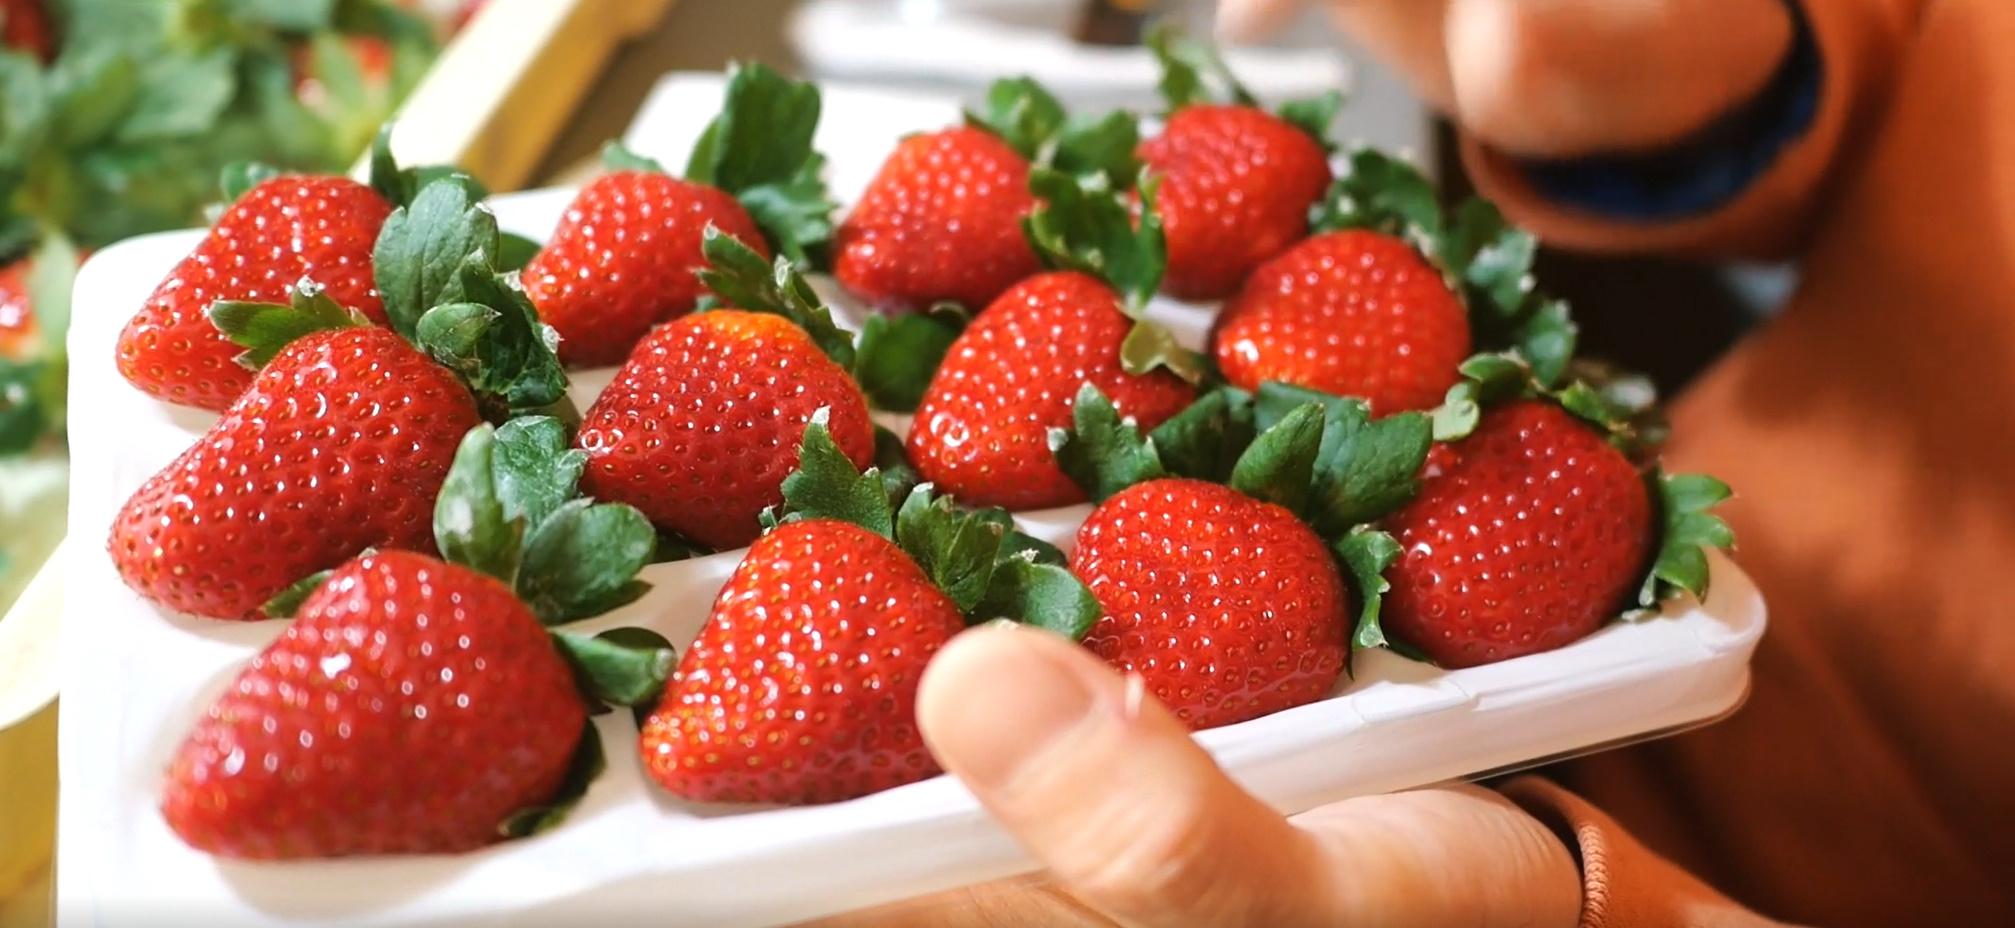 イチゴと幸せを届けたい